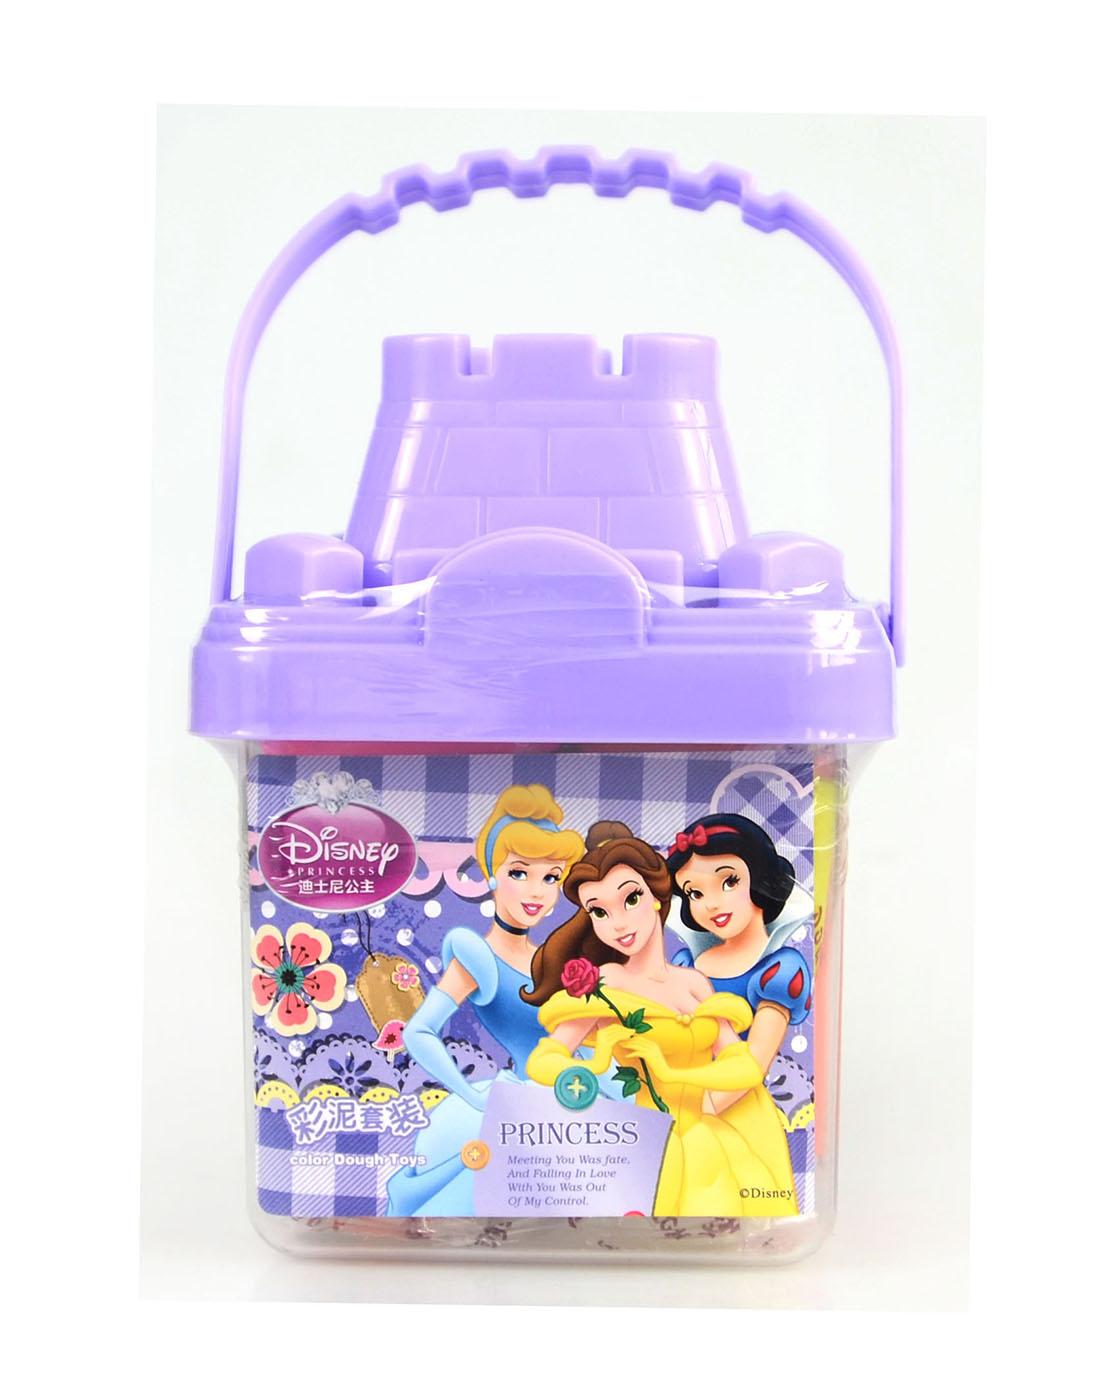 迪士尼disney儿童用品专场女童紫色可爱公主方形城堡